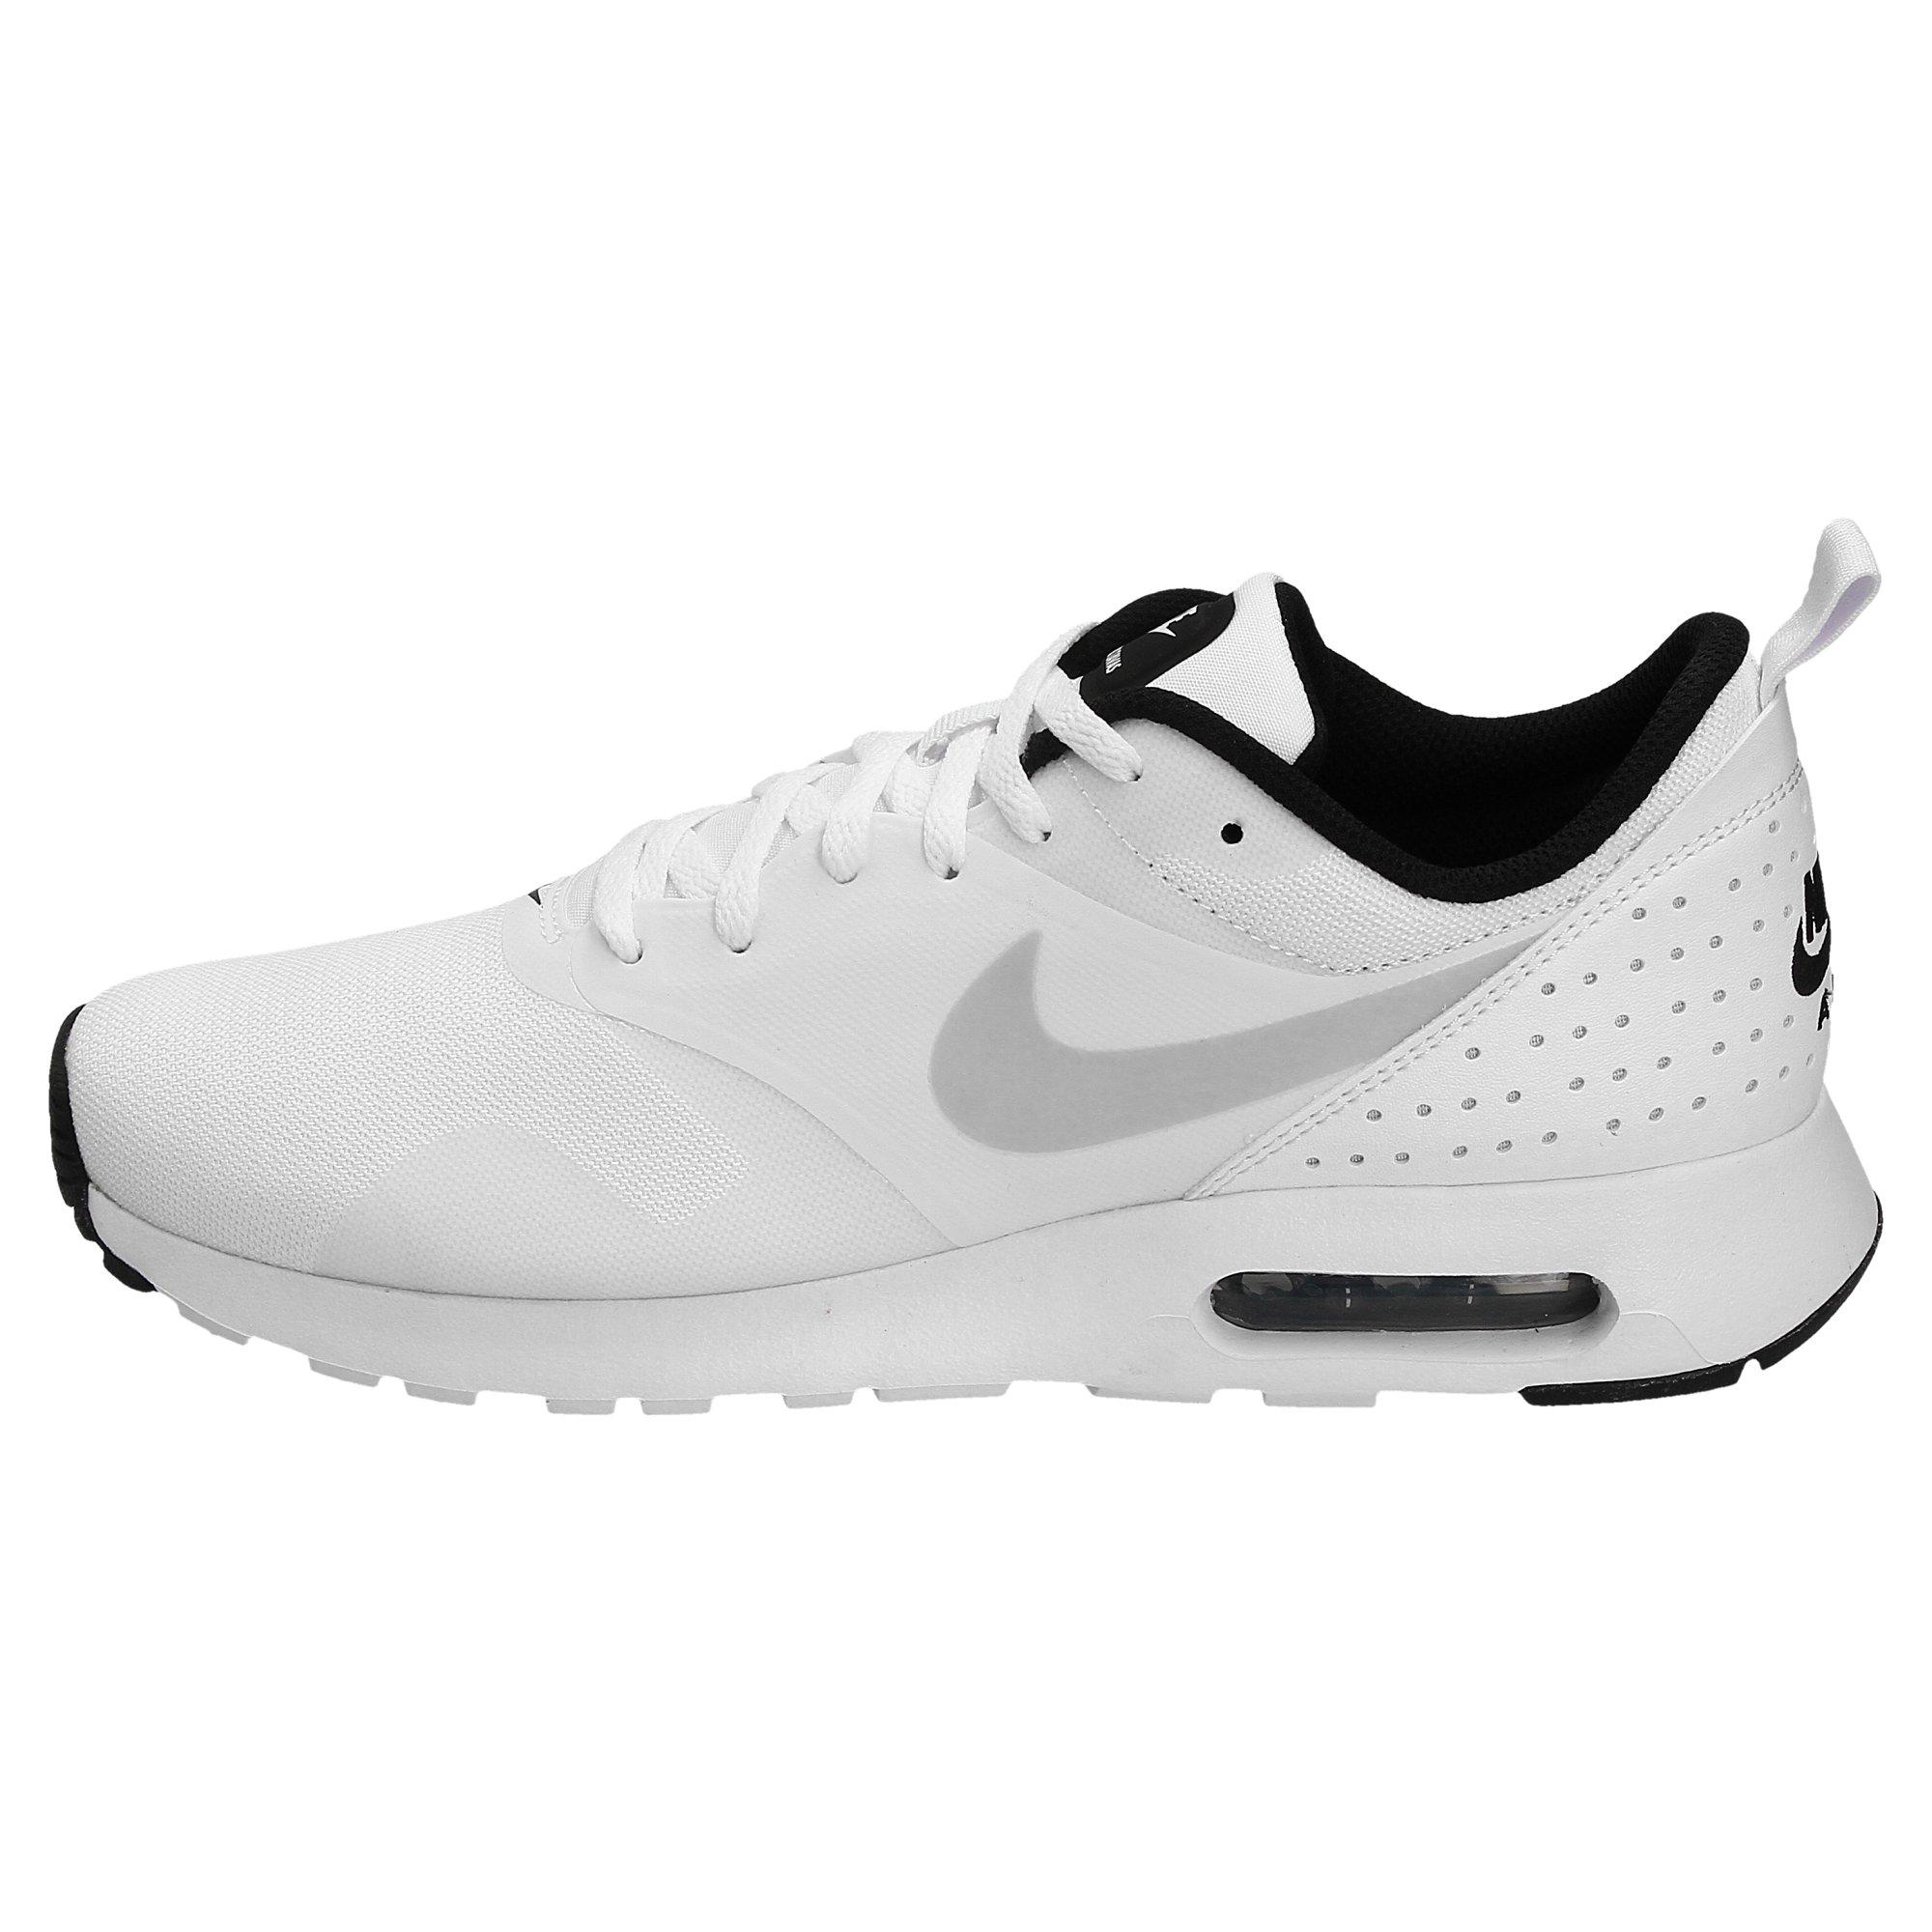 d067e677dfcb OUTLET Buty Nike Air Max Tavas 705149-103 r 44 - 7270570686 ...